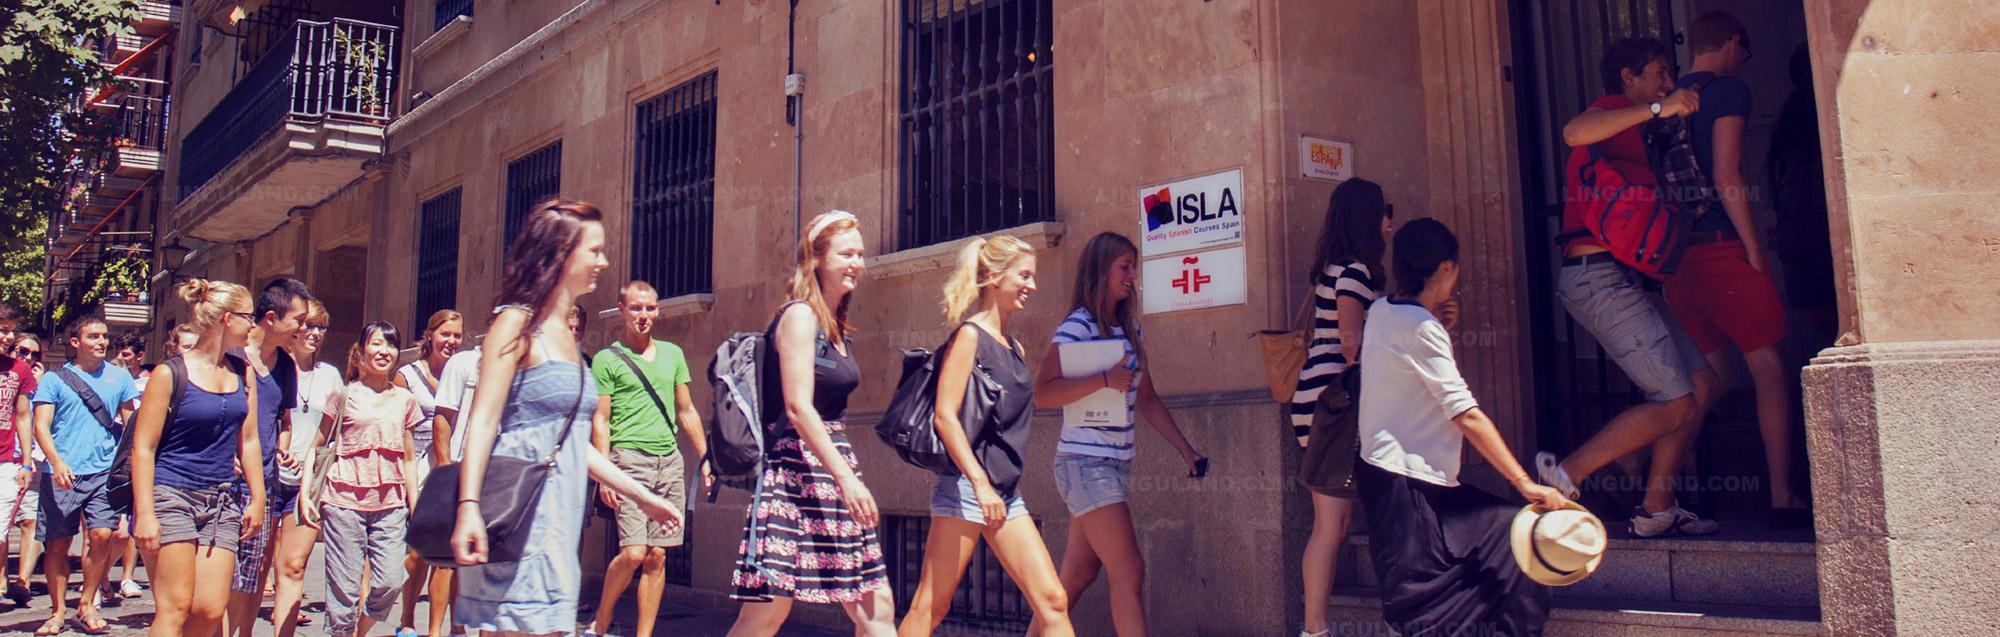 ISLA Salamanca : récits et évaluations